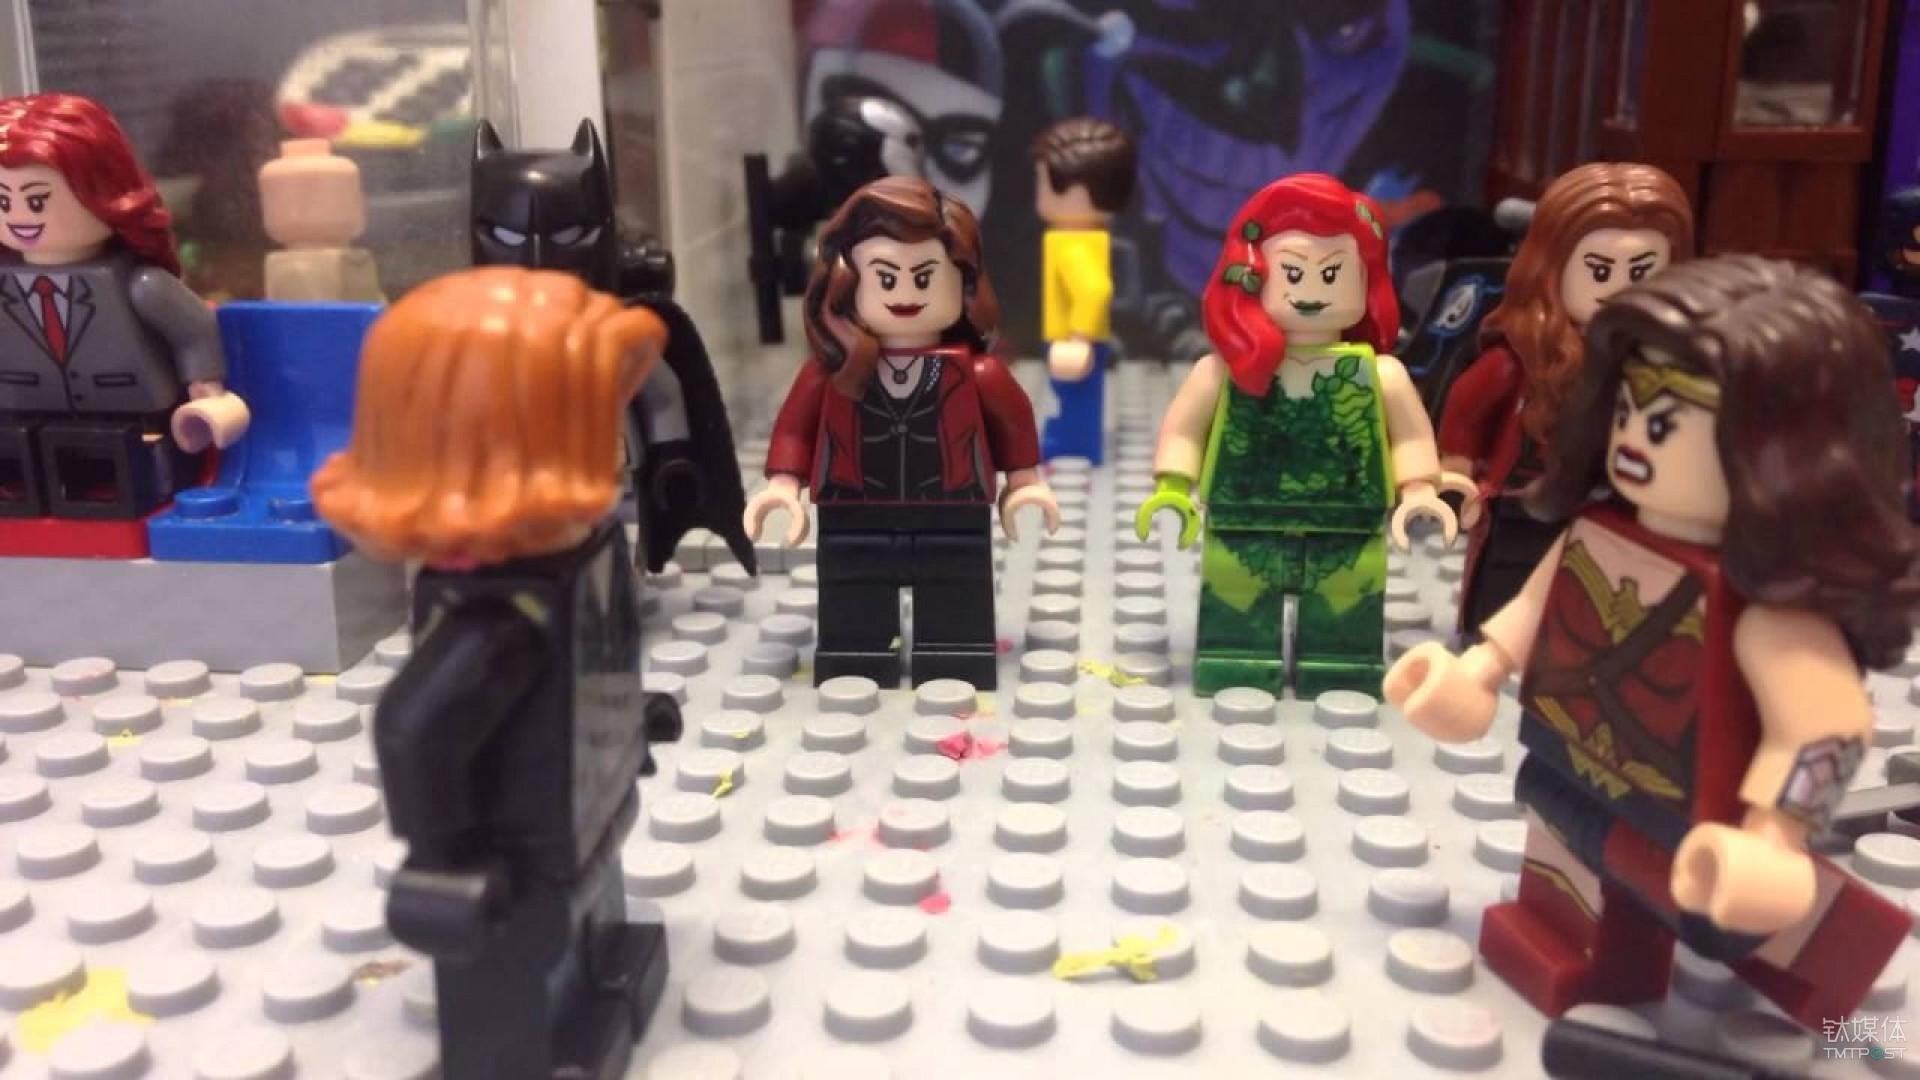 黑寡妇和神奇女侠对应的消费习惯文化背景不同甚至有着极大鸿沟的用户